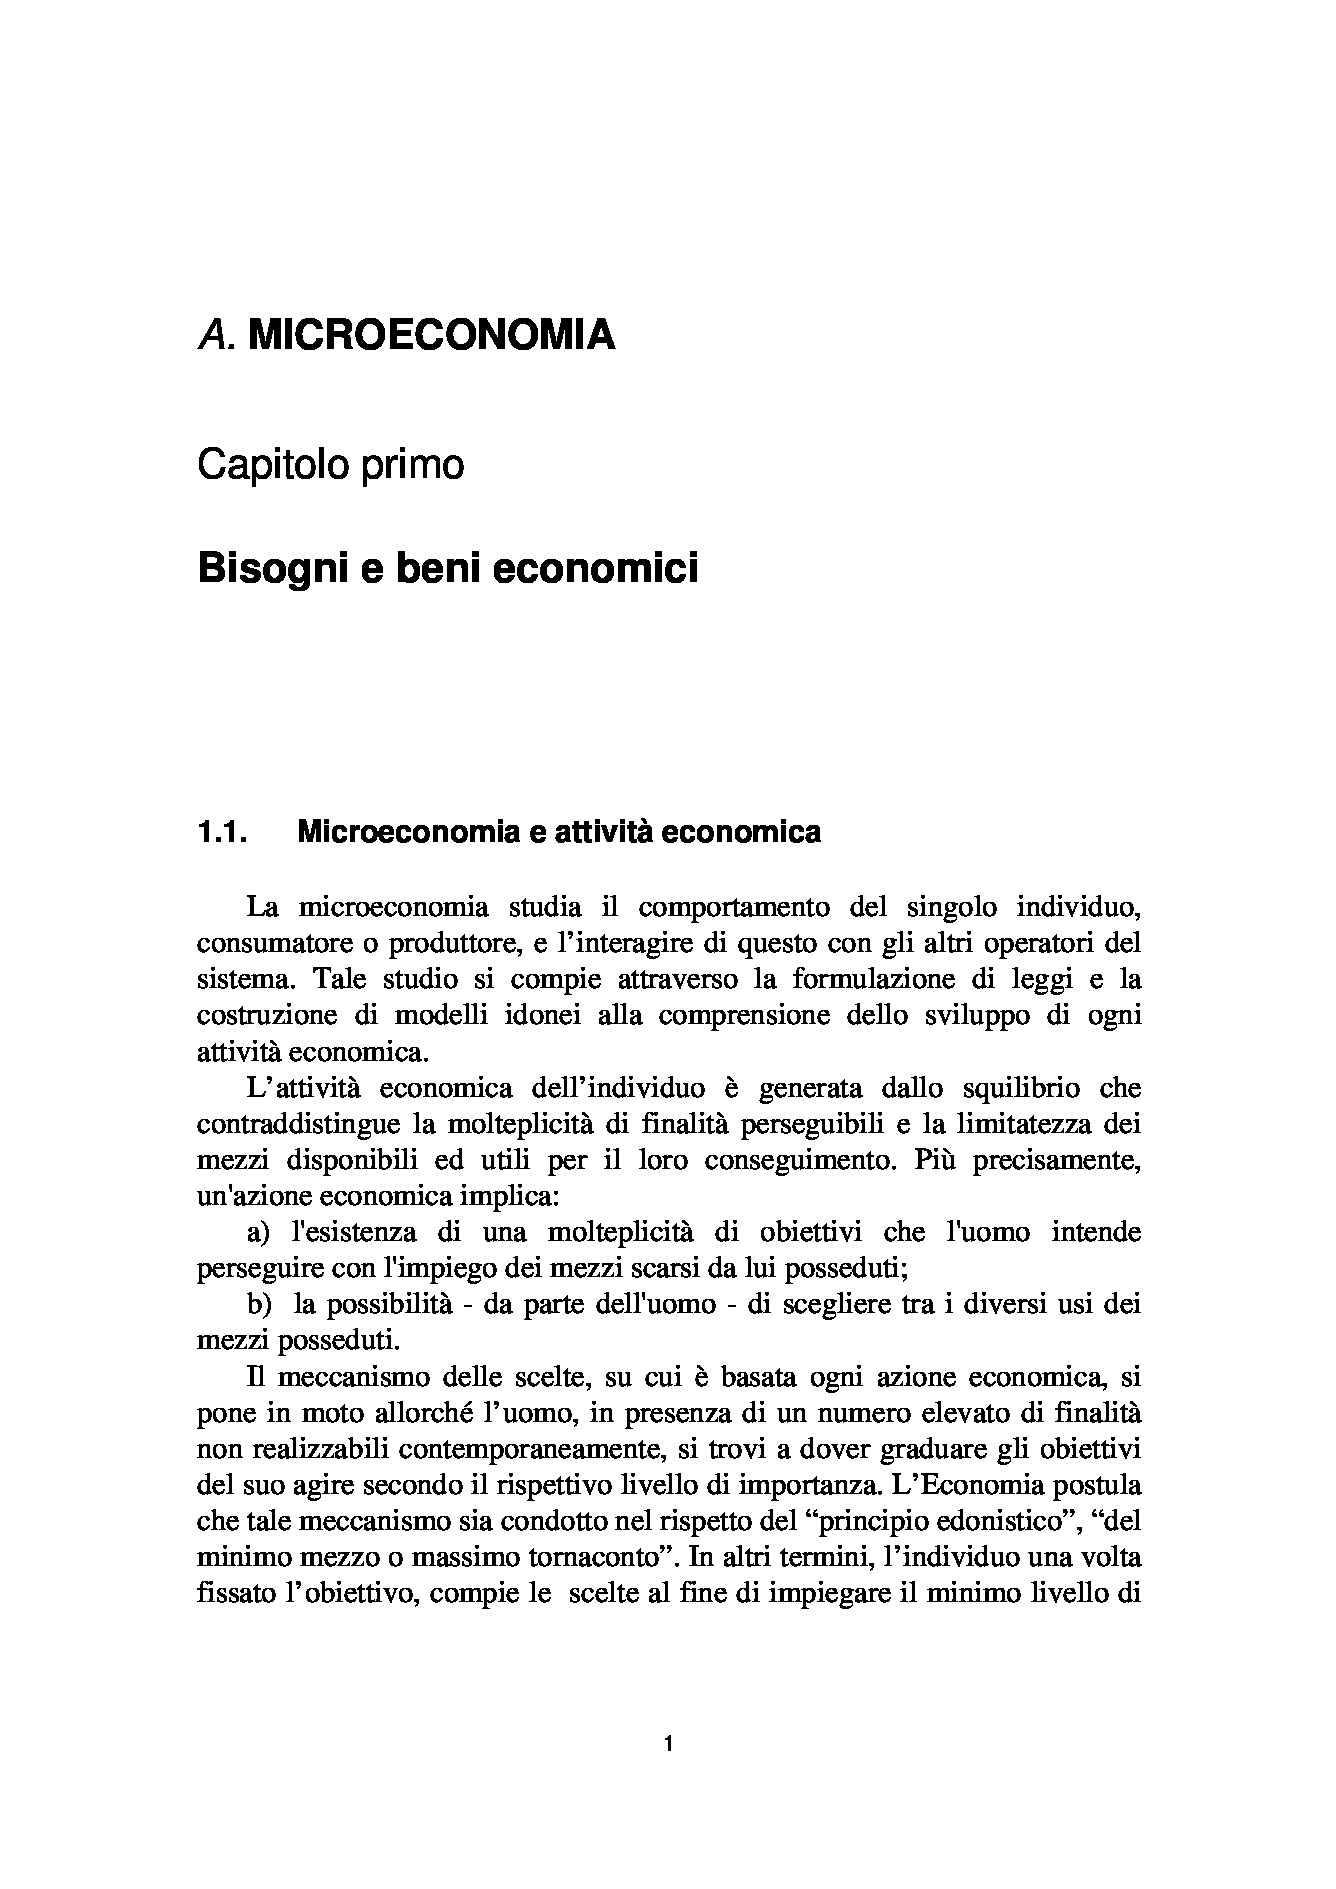 Economia politica e agroalimentare - bisogni e beni economici